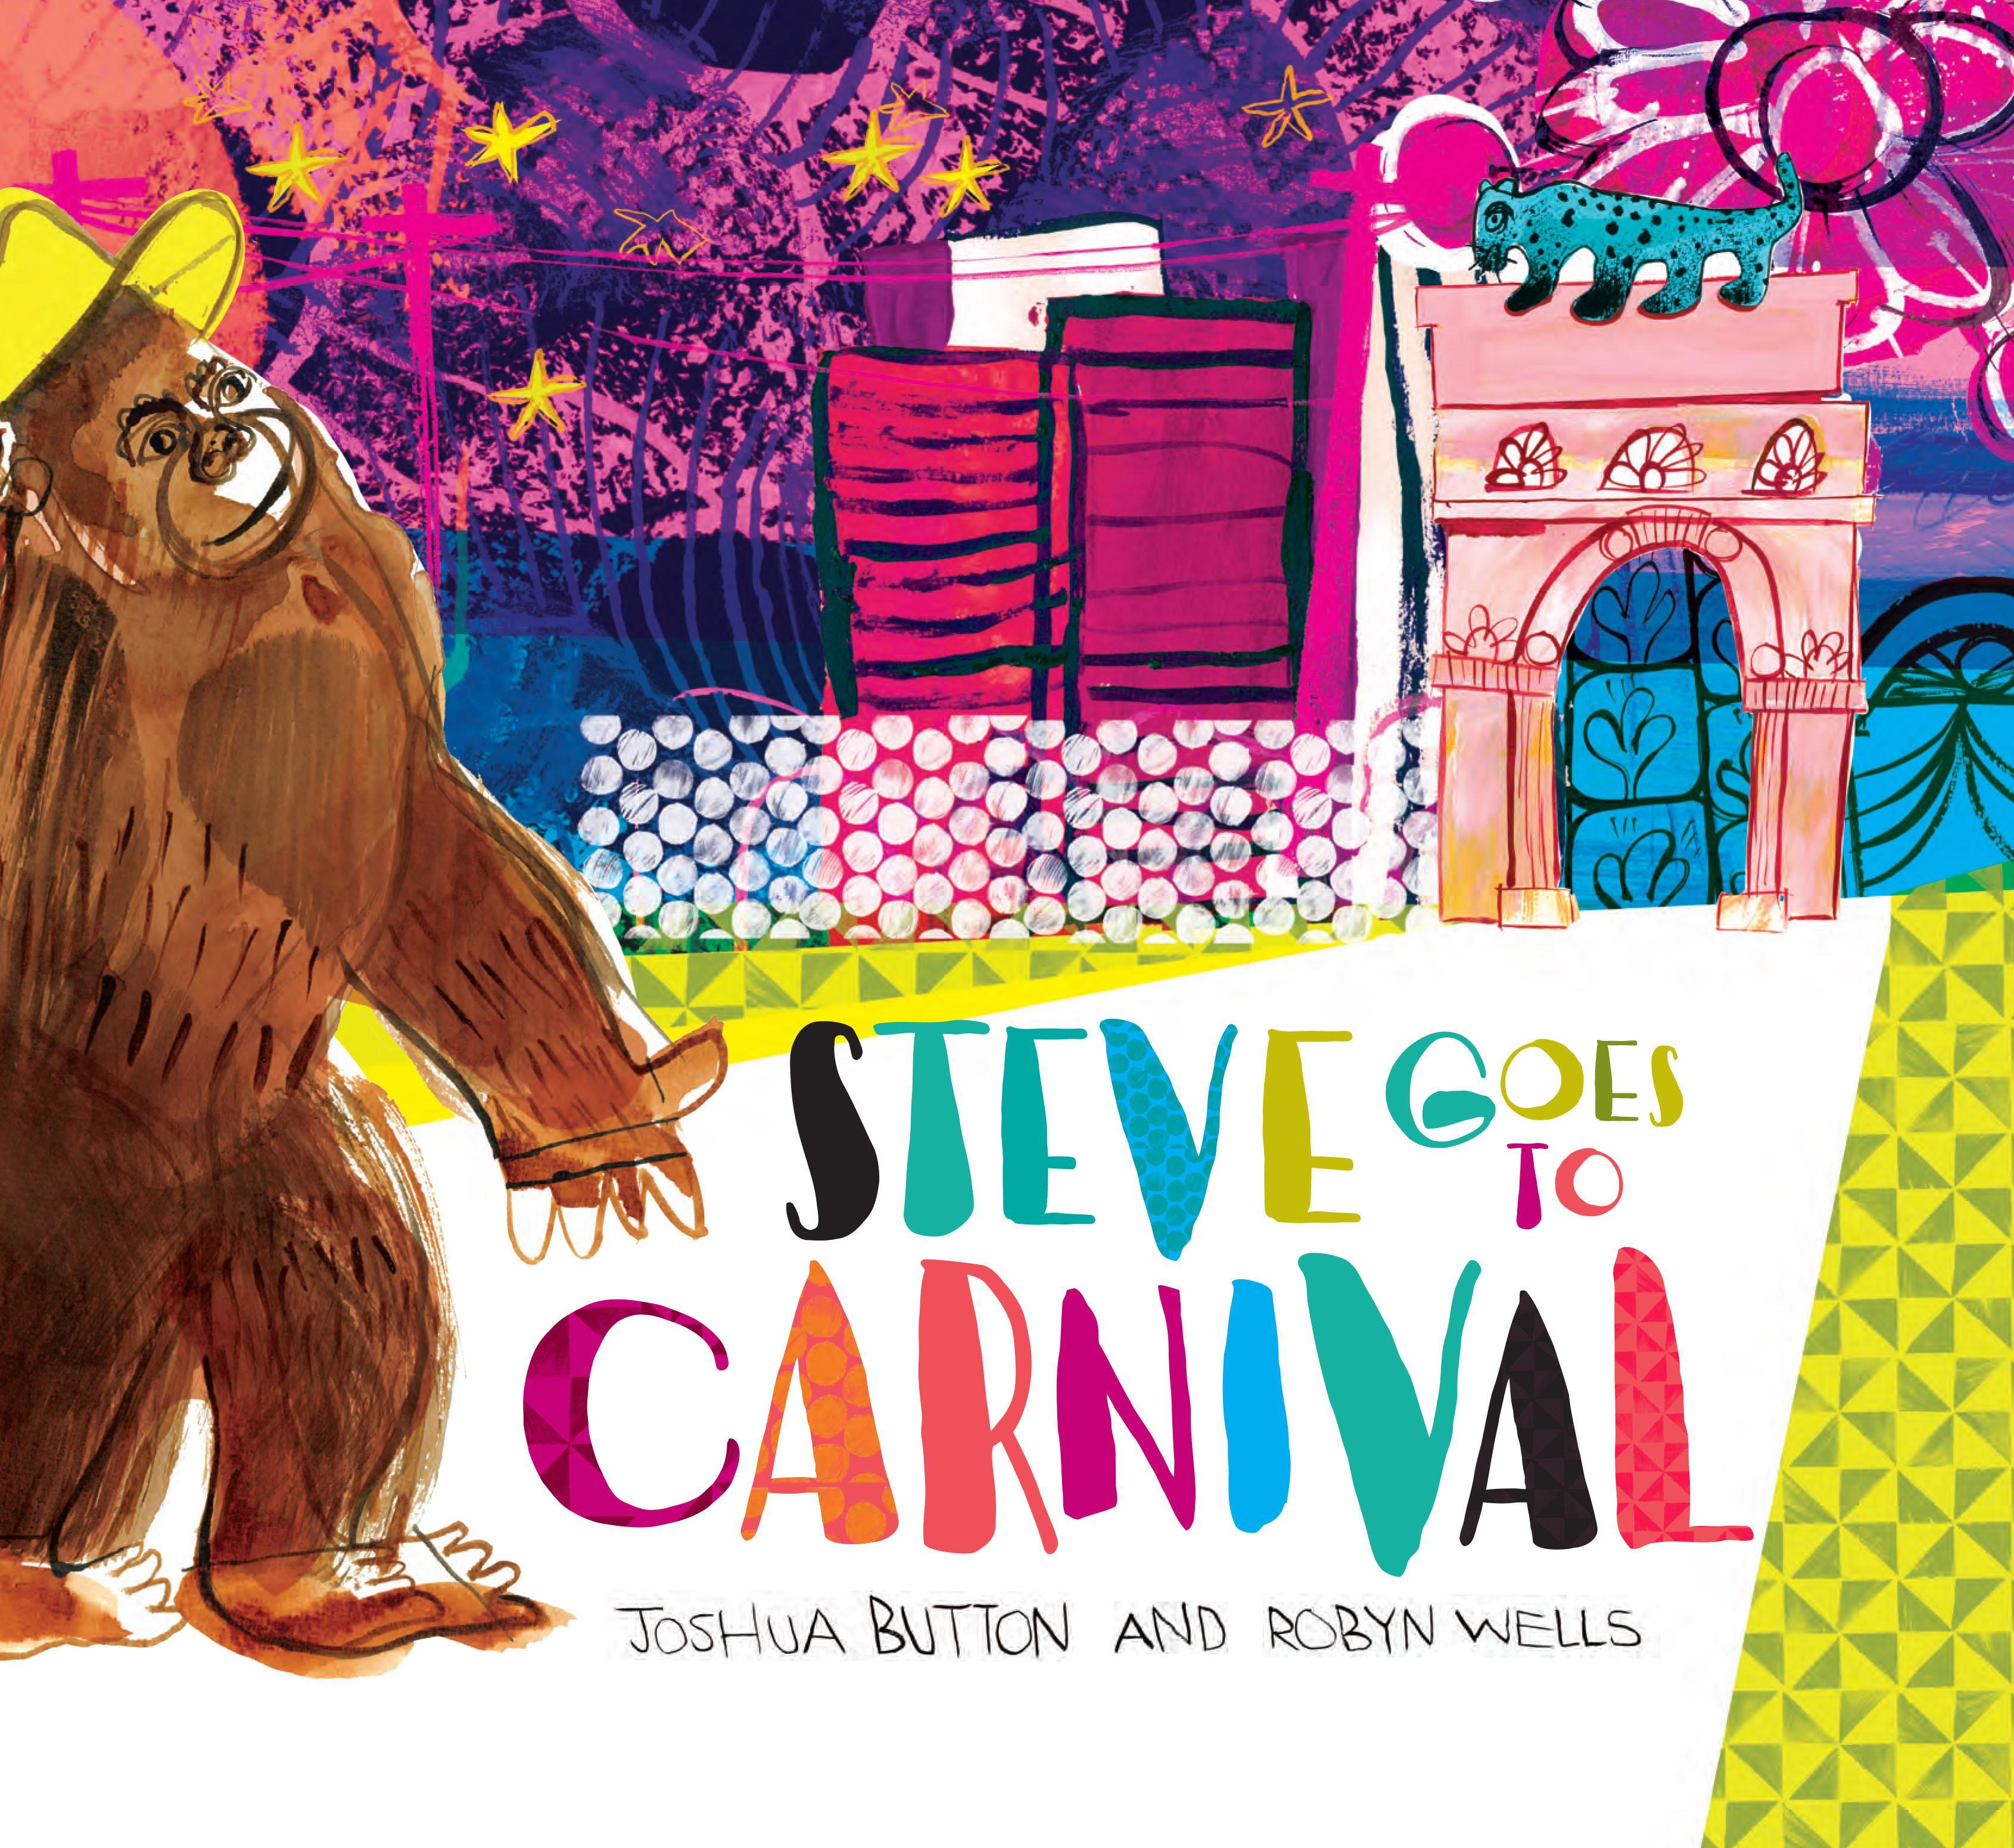 Steve GoestoCarnival